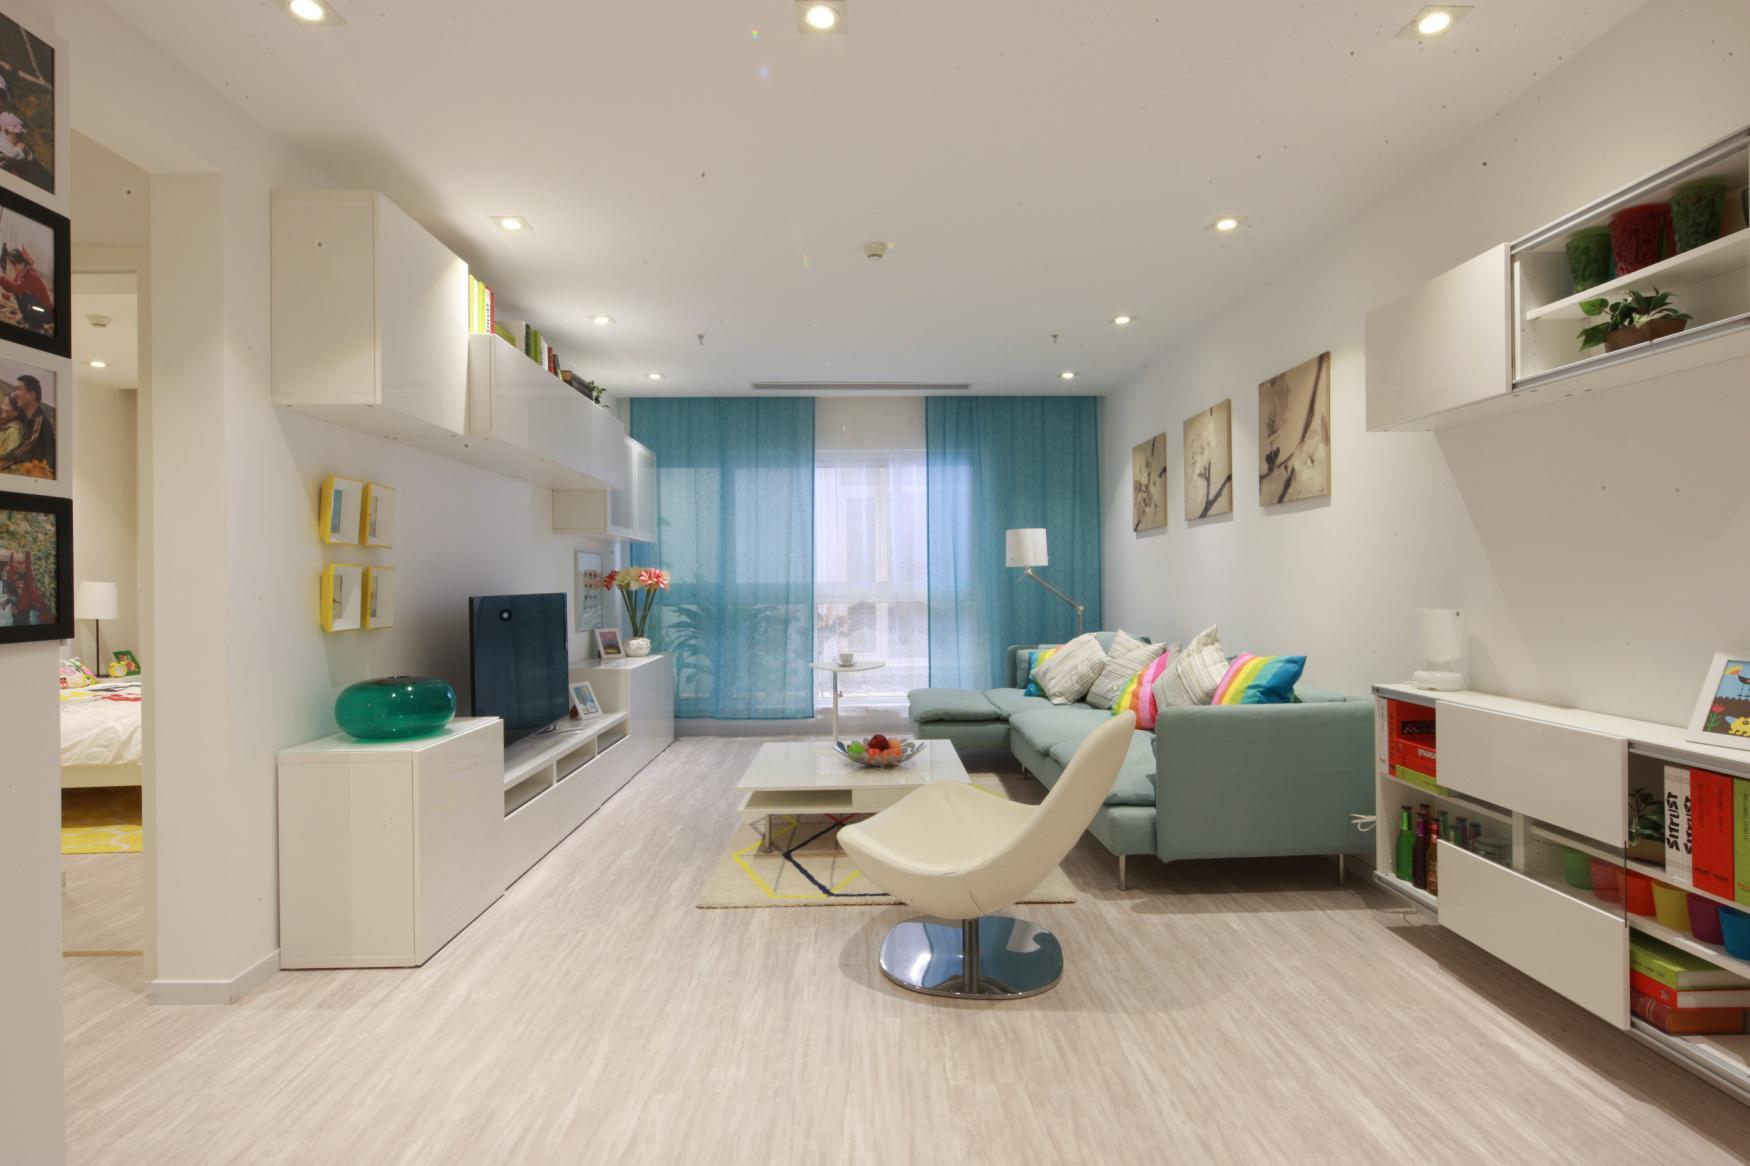 简约宜家风格两居室小户型装修客厅